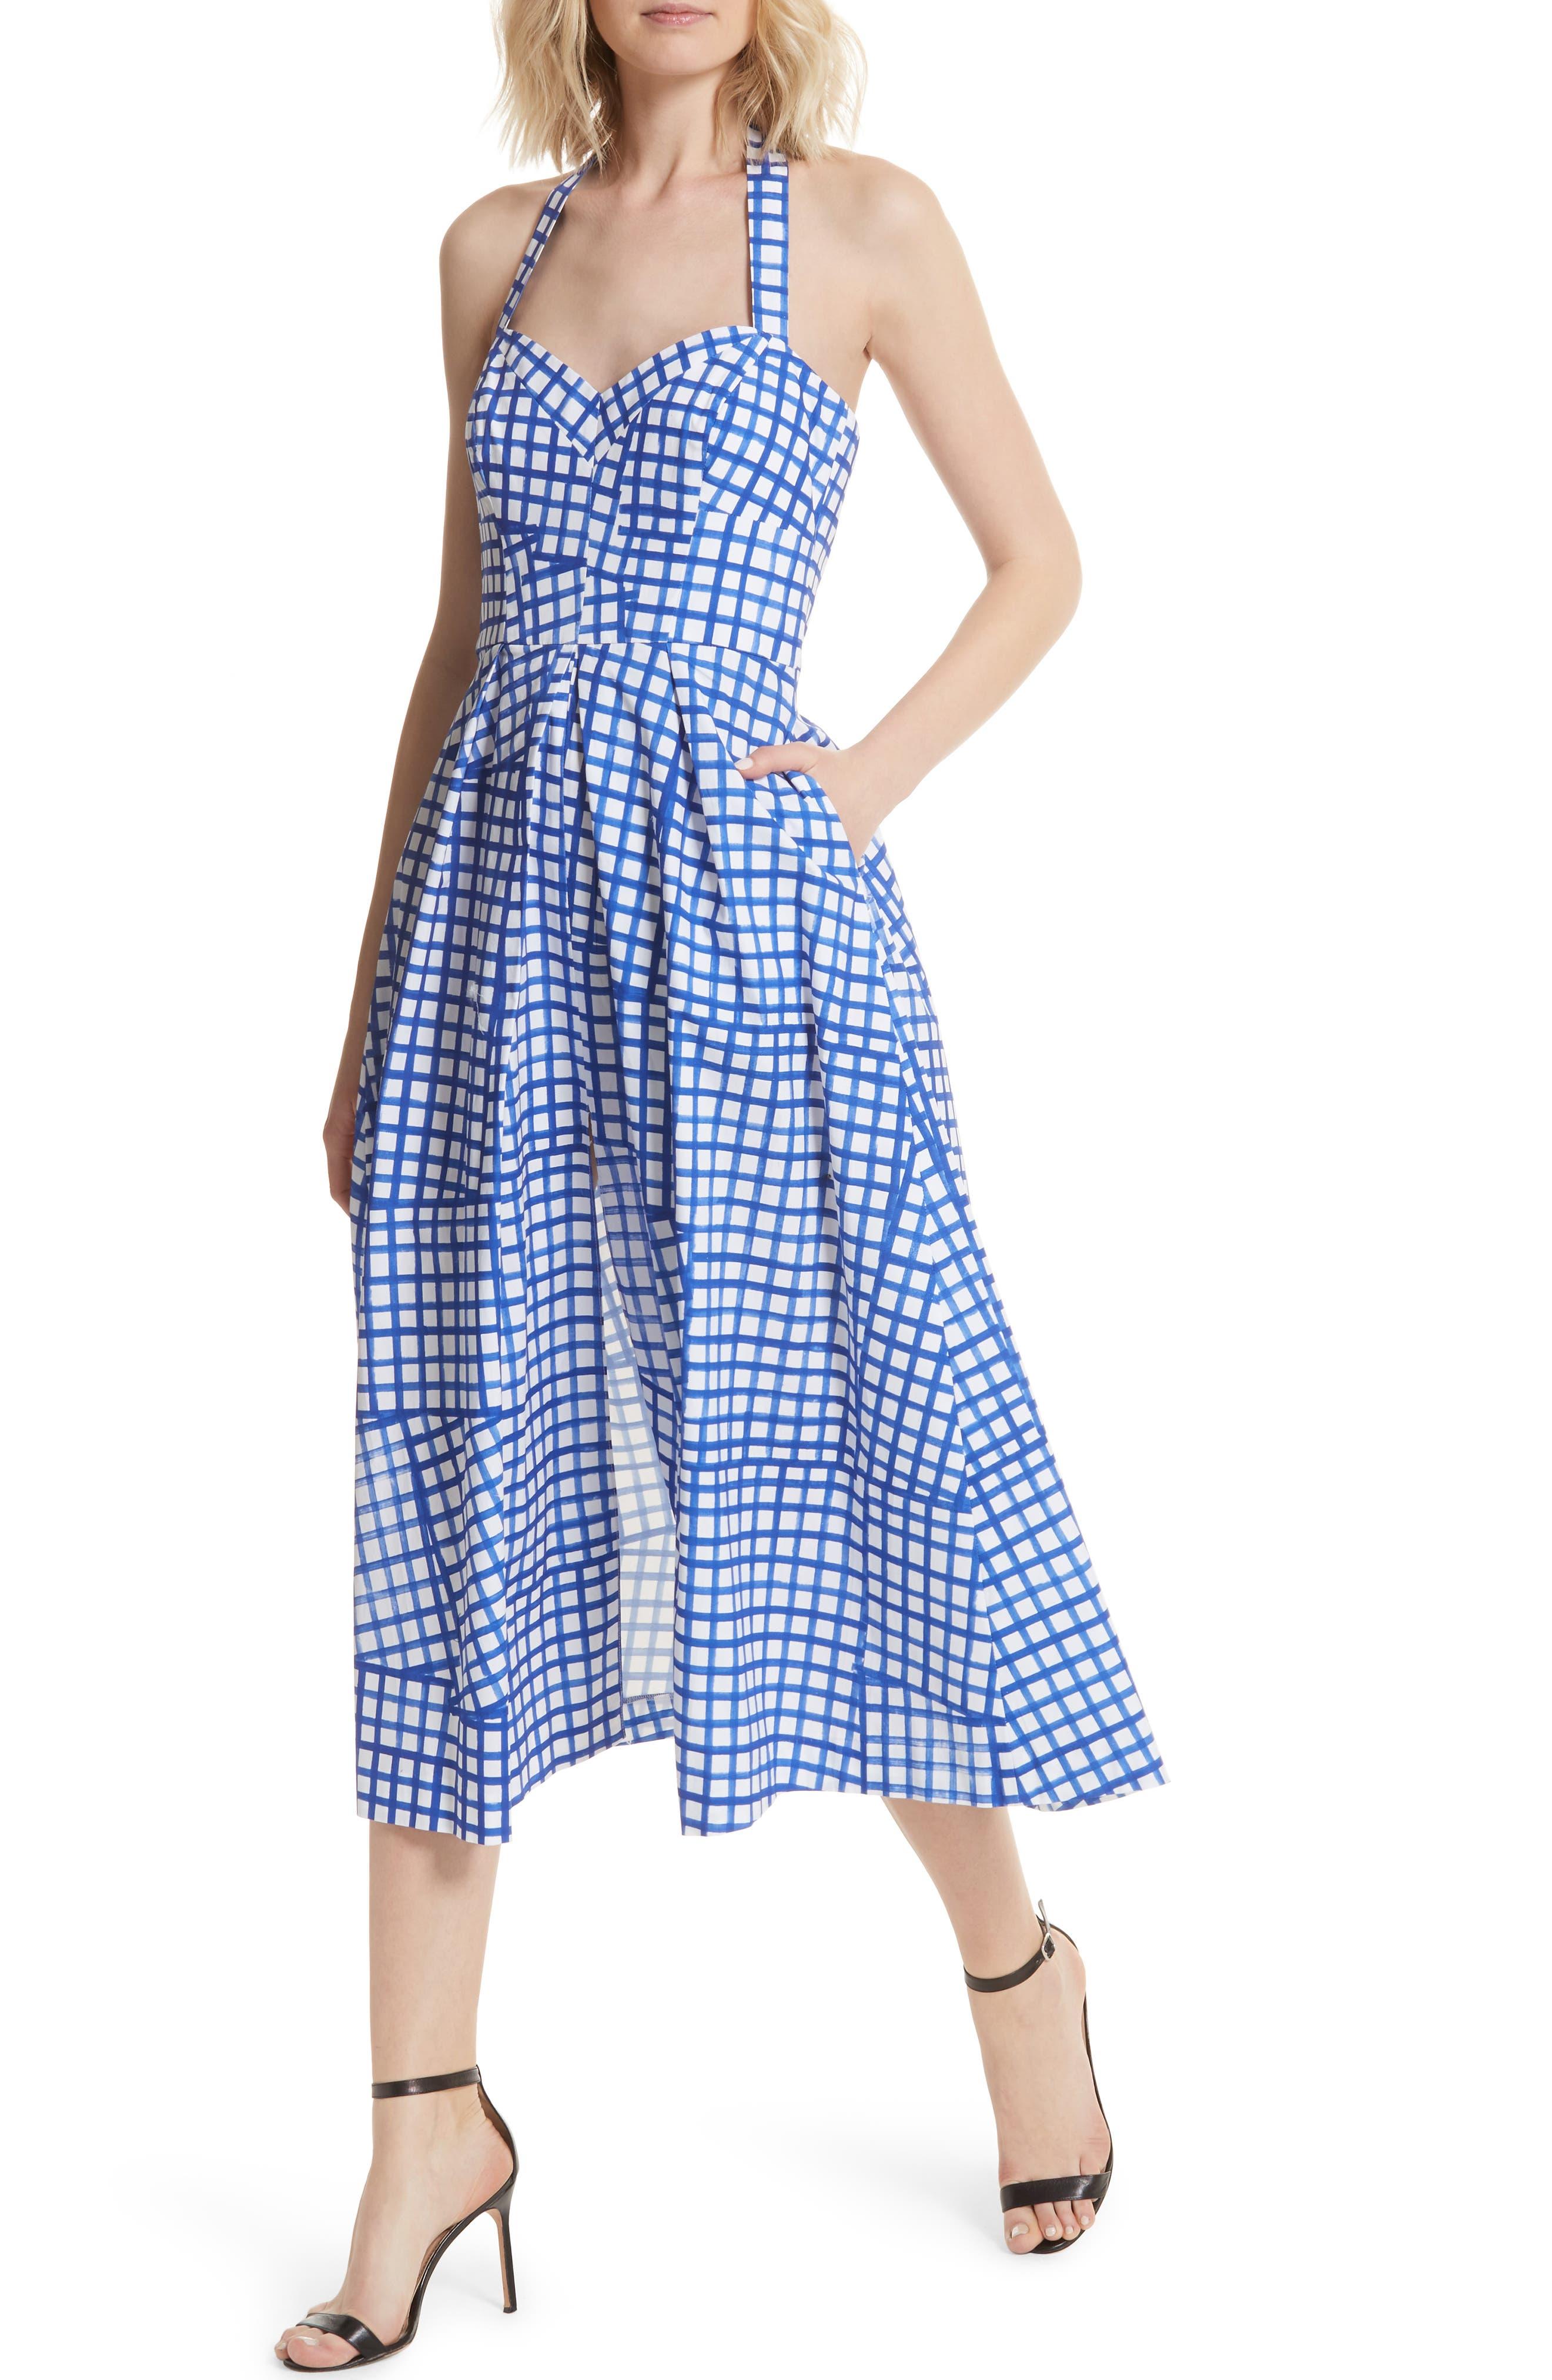 Paige Stretch Cotton Halter Dress,                             Alternate thumbnail 4, color,                             Blueberry